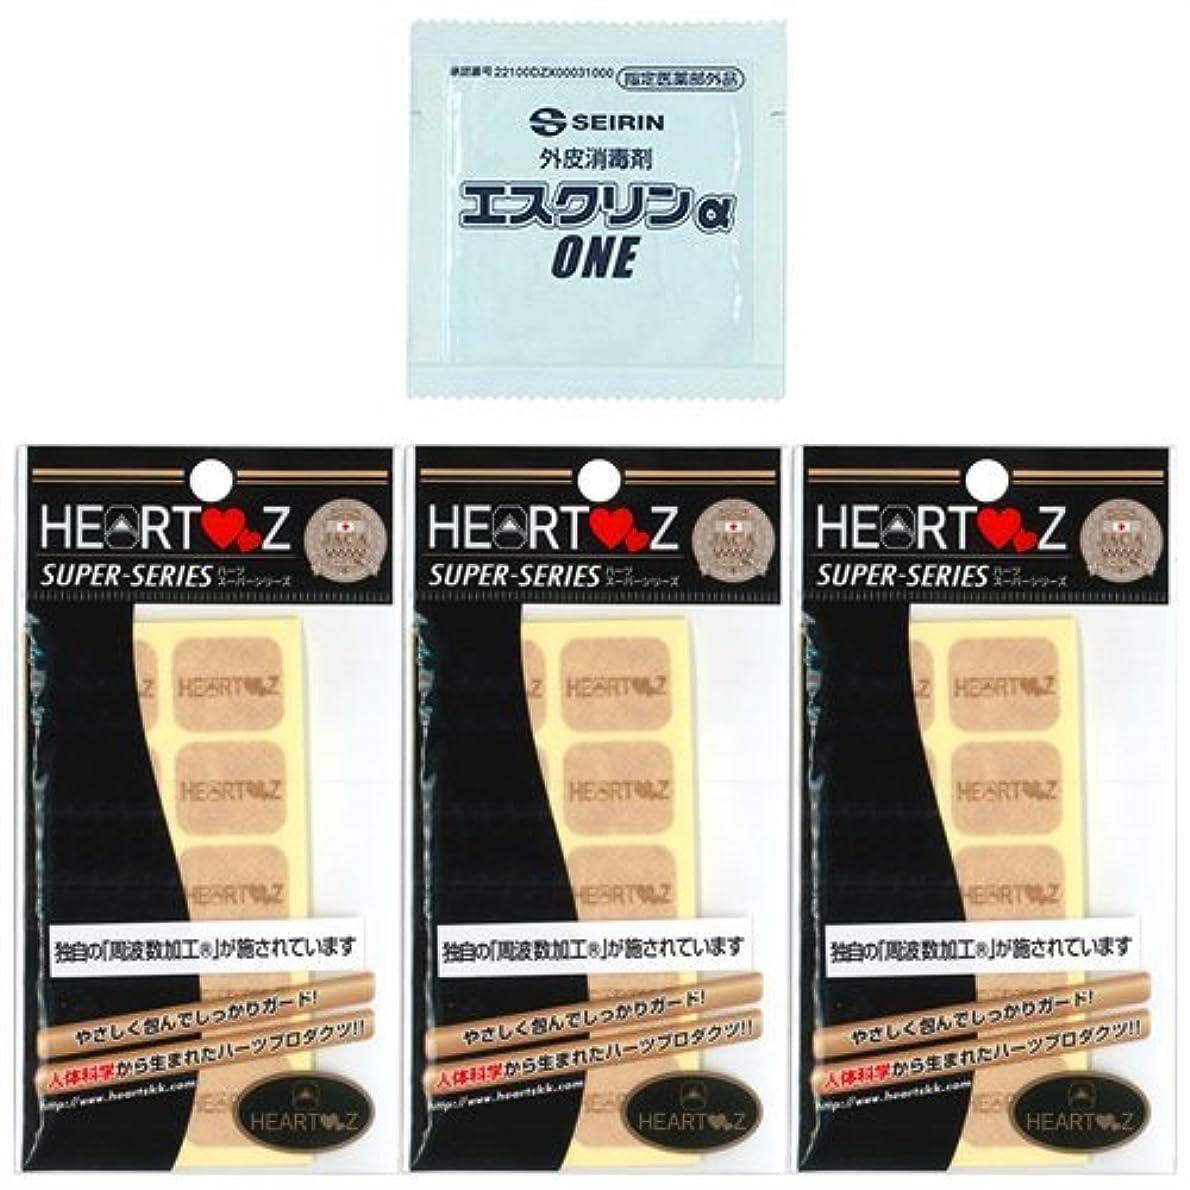 文字候補者苦情文句【HEARTZ(ハーツ)】ハーツスーパーシール レギュラータイプ 80枚入×3個セット (計240枚) + エスクリンαONEx1個 セット